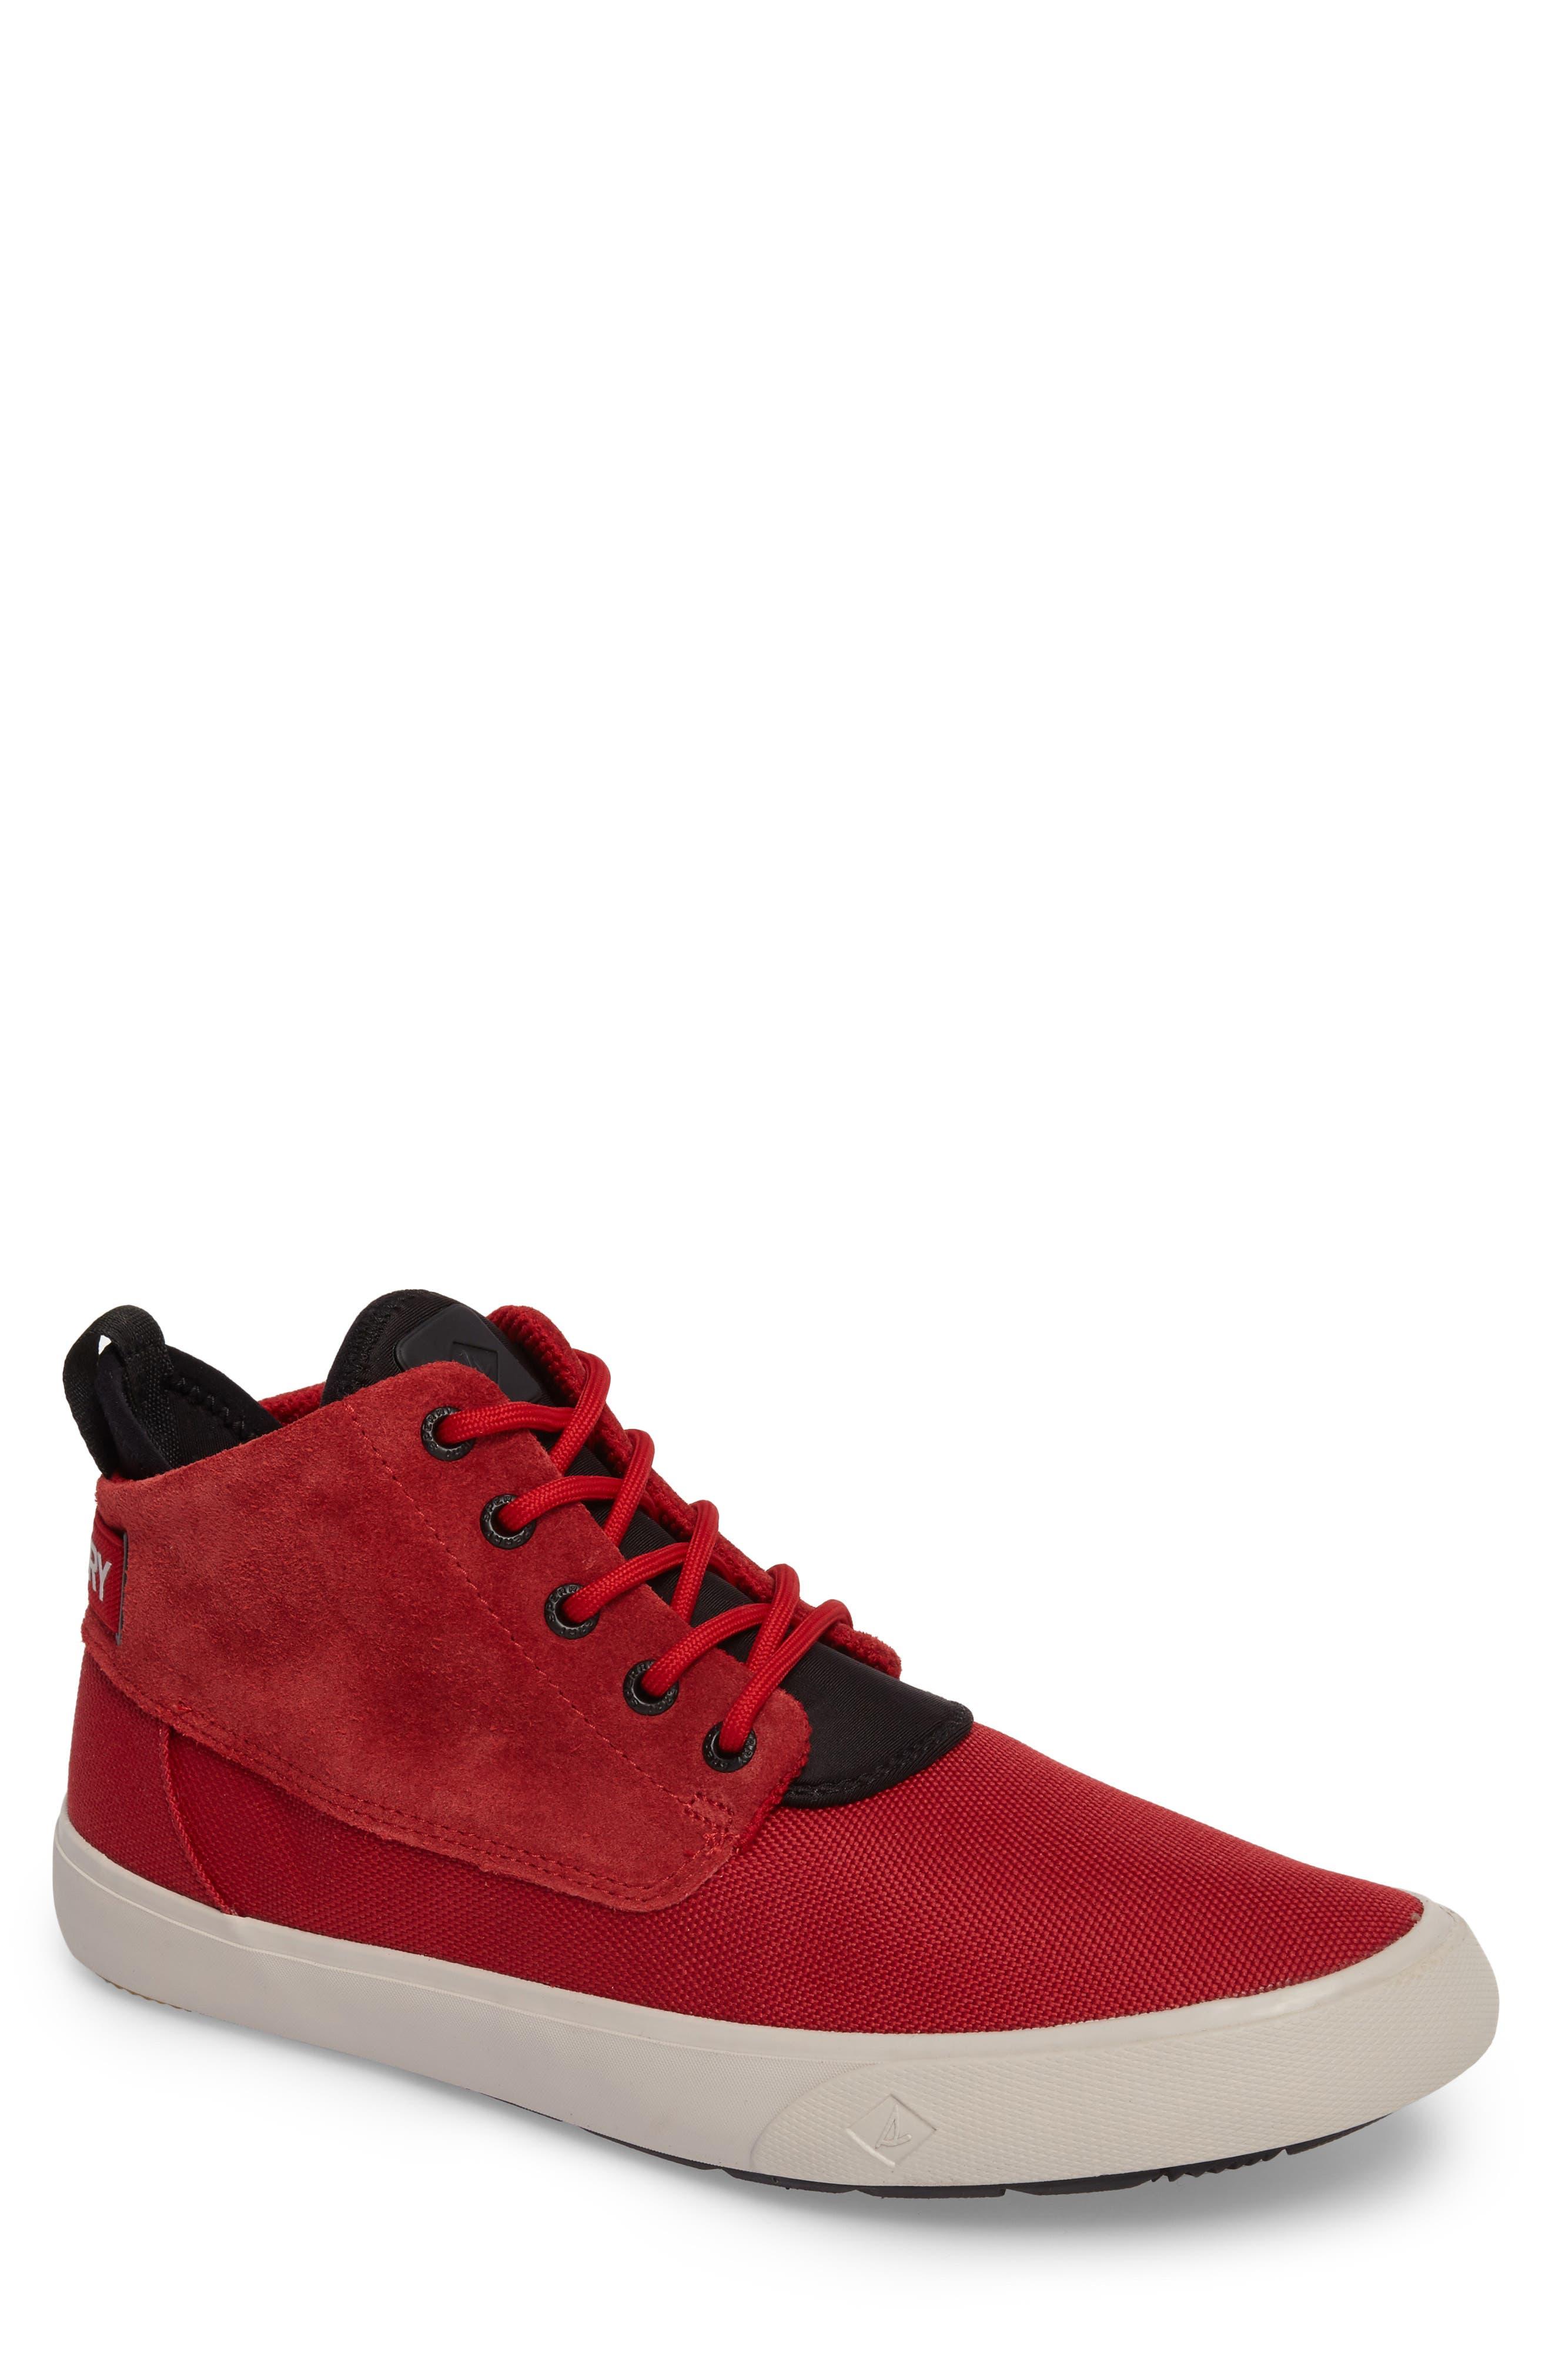 Sperry Cutwater Sneaker (Men)